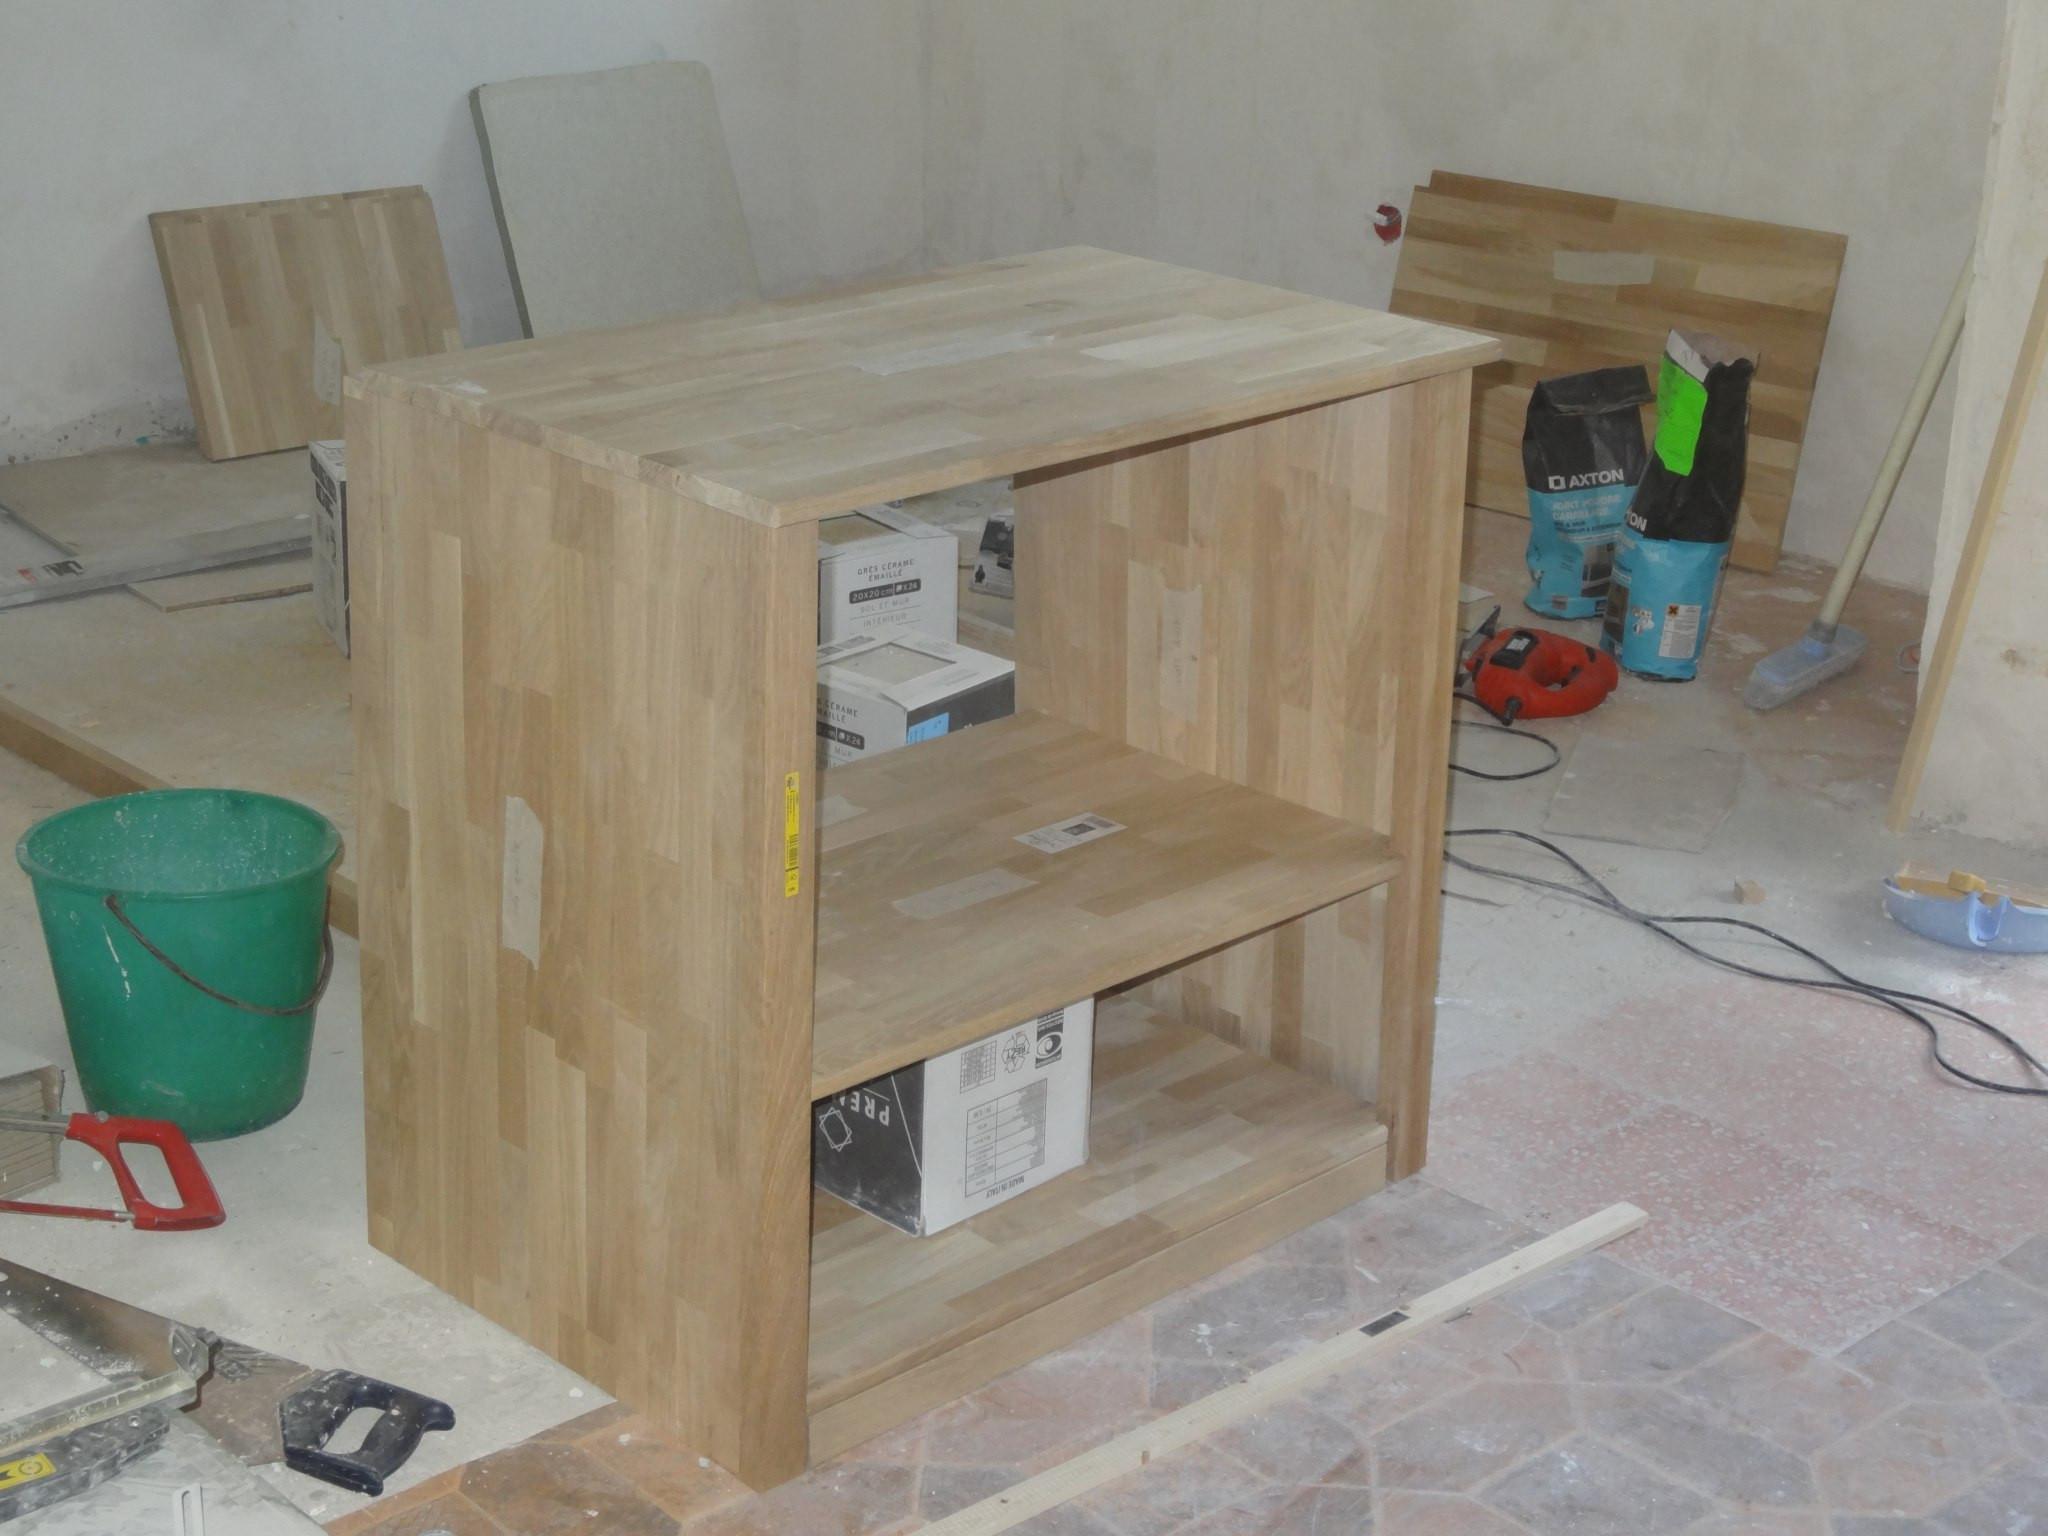 faire un meuble en bois unique placard de chambre en bois elegant placard bois 0d ecantam of faire un meuble en bois